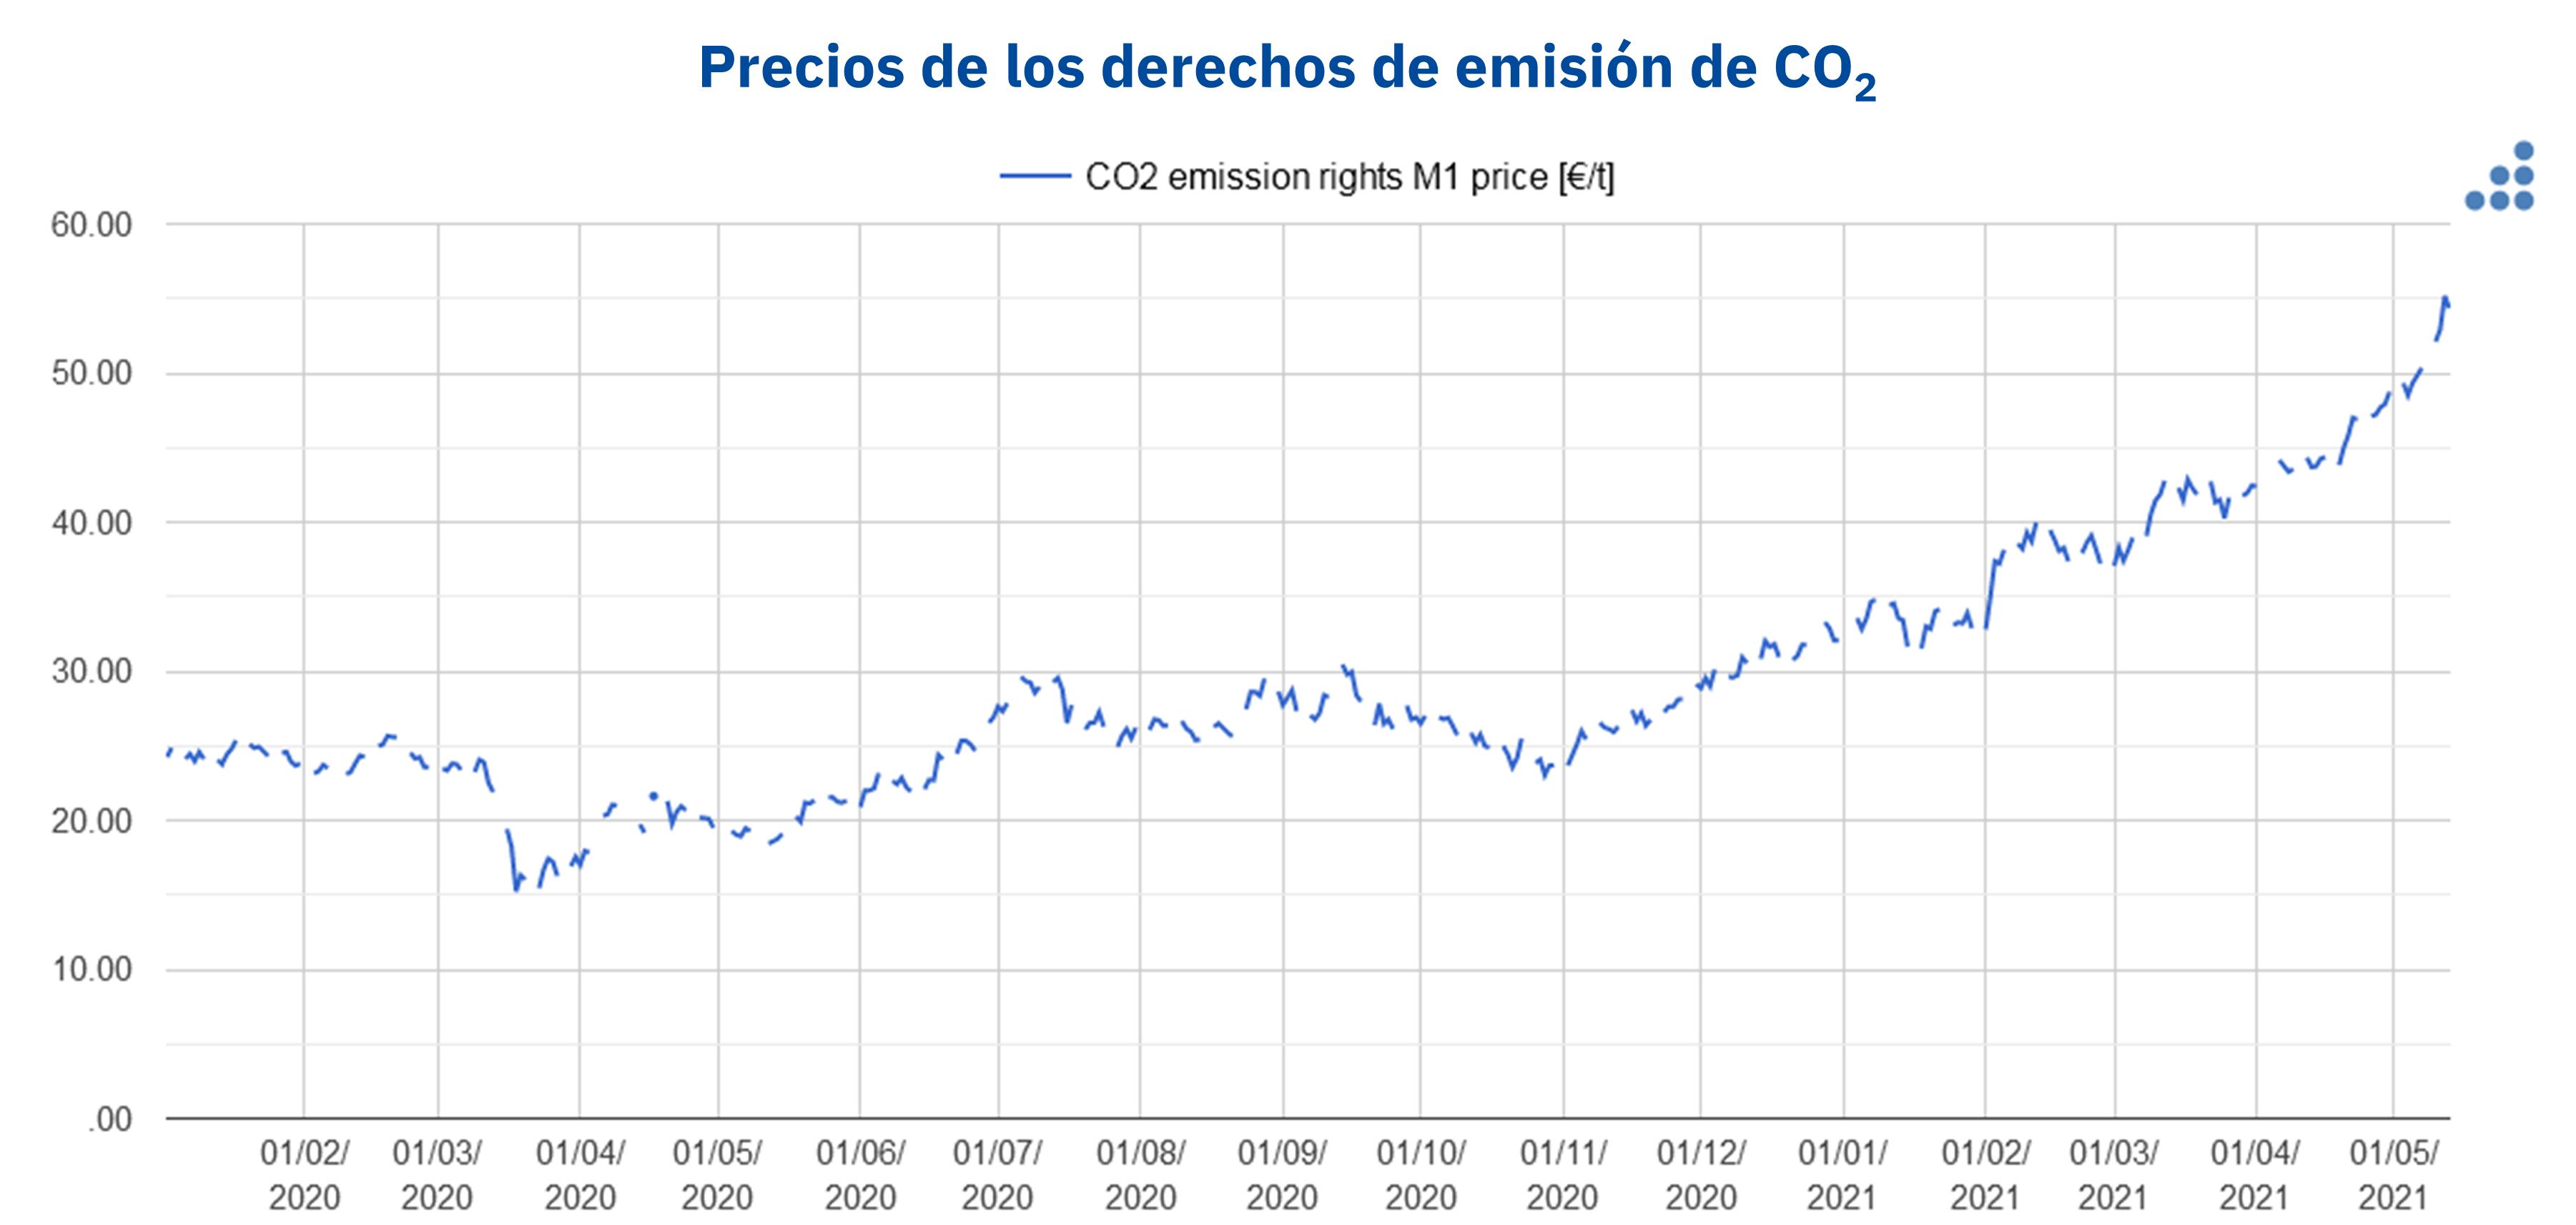 AleaSoft - Precios derechos emision CO2 EUA